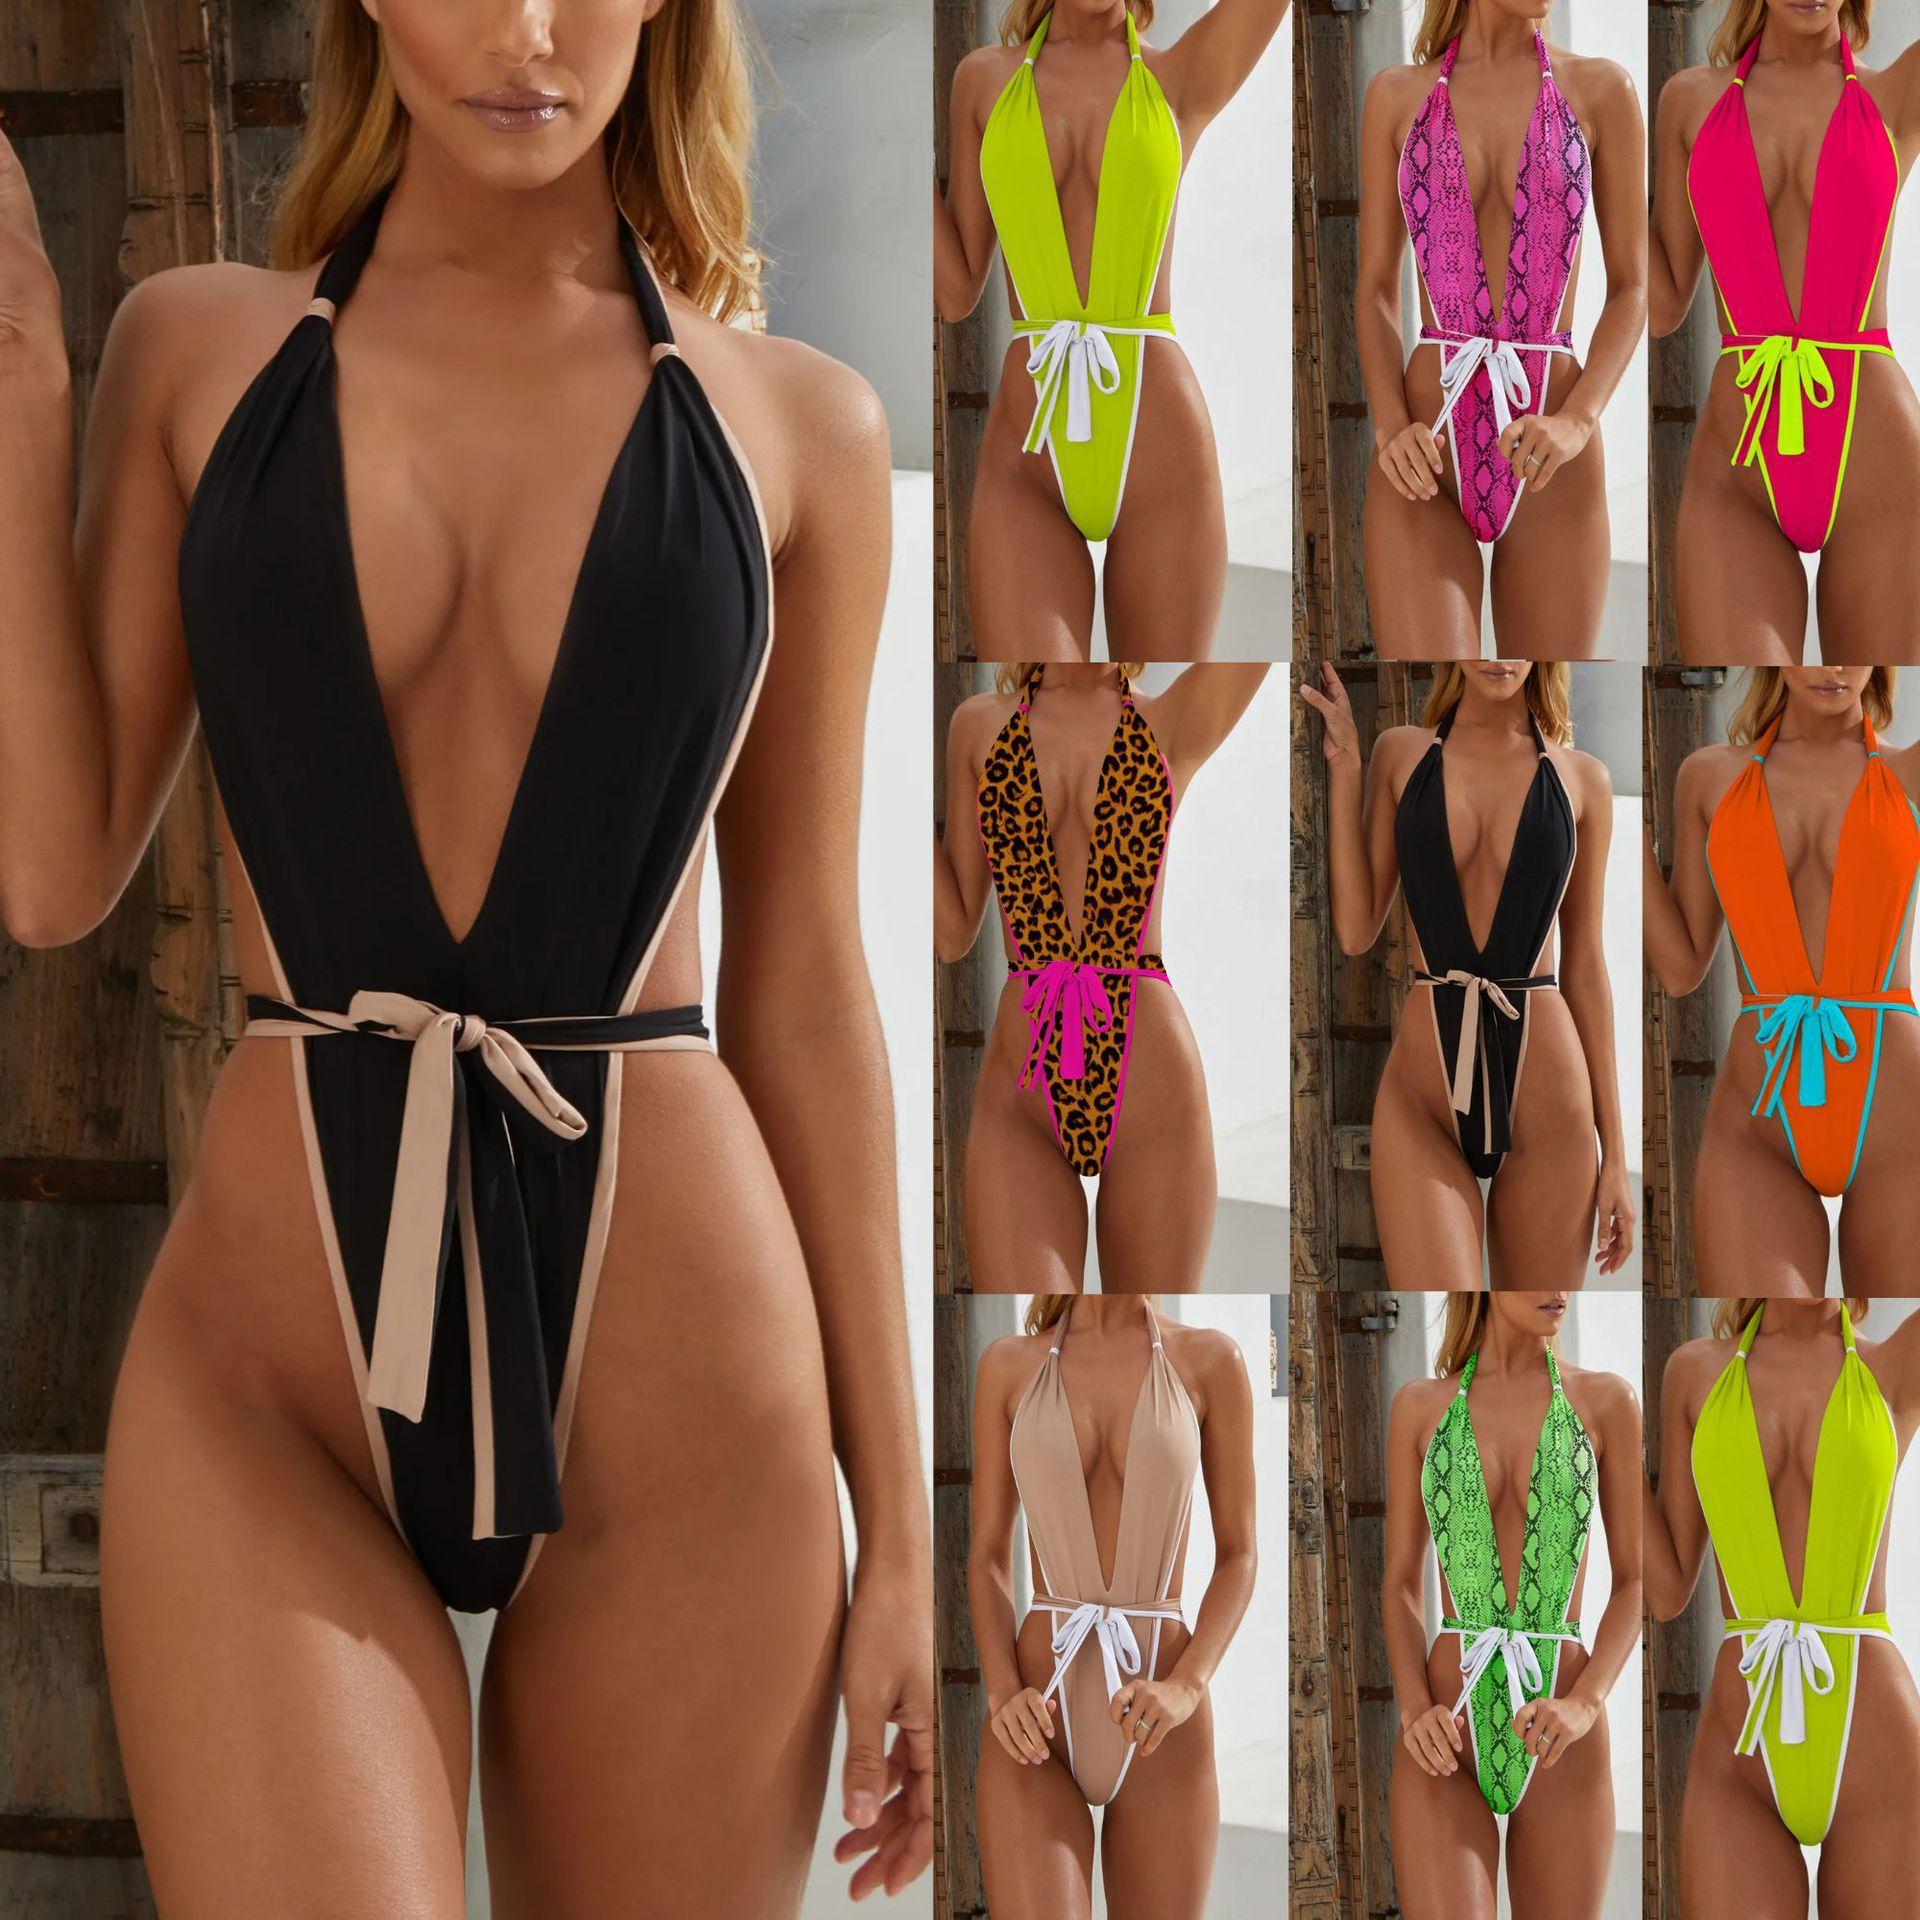 ملابس السباحة النسائية 8 ألوان السباحة قطعة واحدة عارية الذراعين الصيف النساء بيكيني العميق الخامس الرقبة مثير الأوروبي والأمريكي صالح المايوه